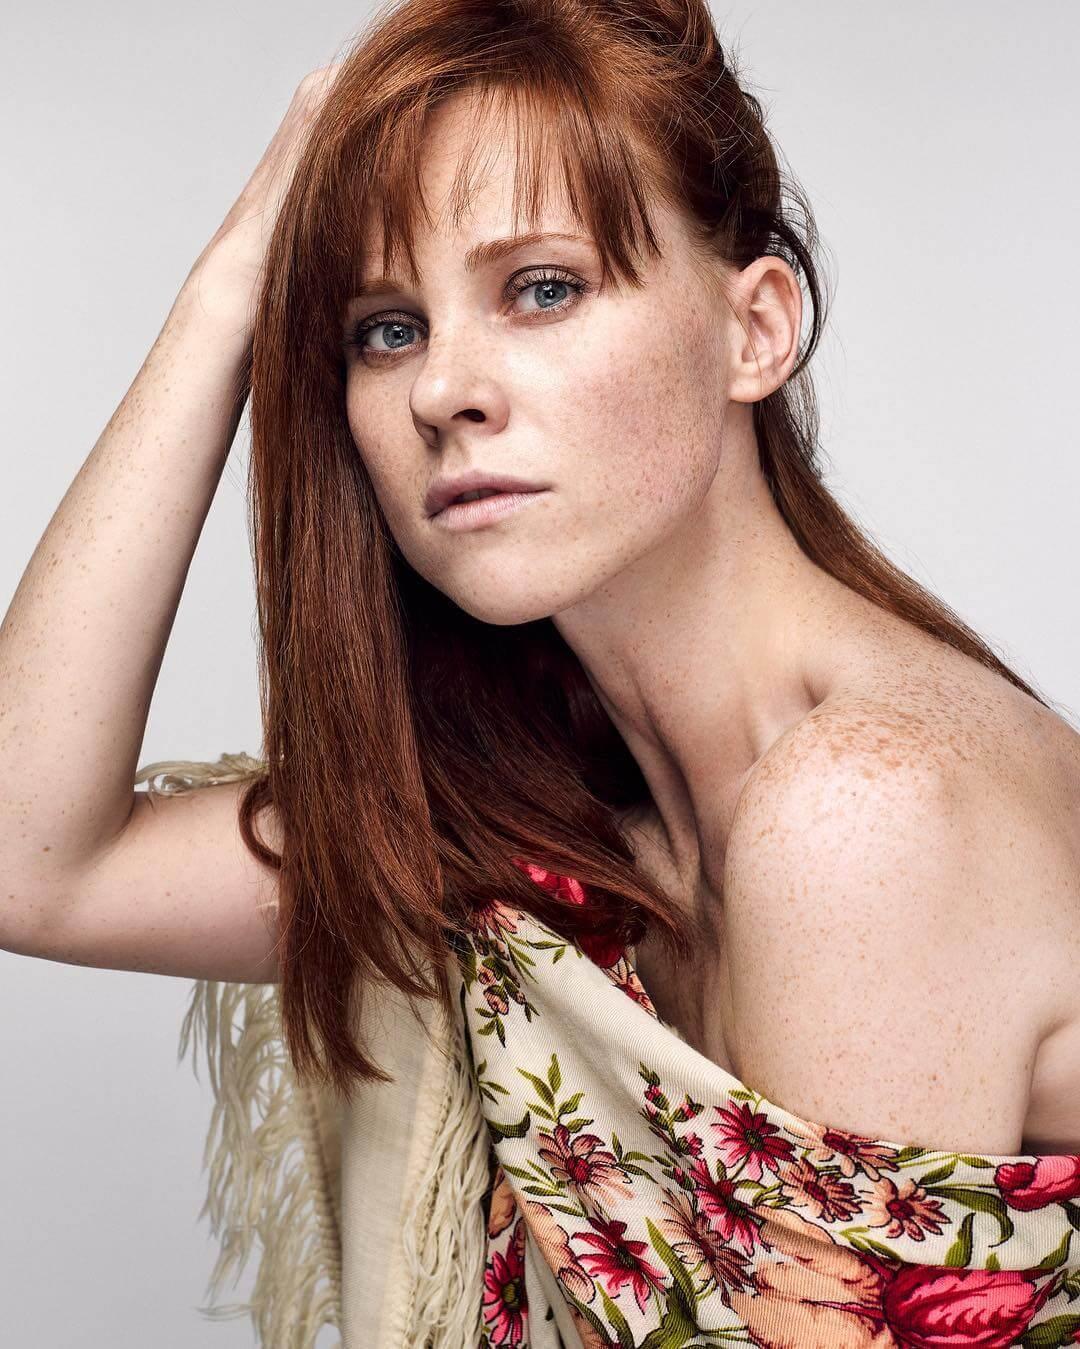 The Hottest Natalya Rudakova Photos - 12thBlog